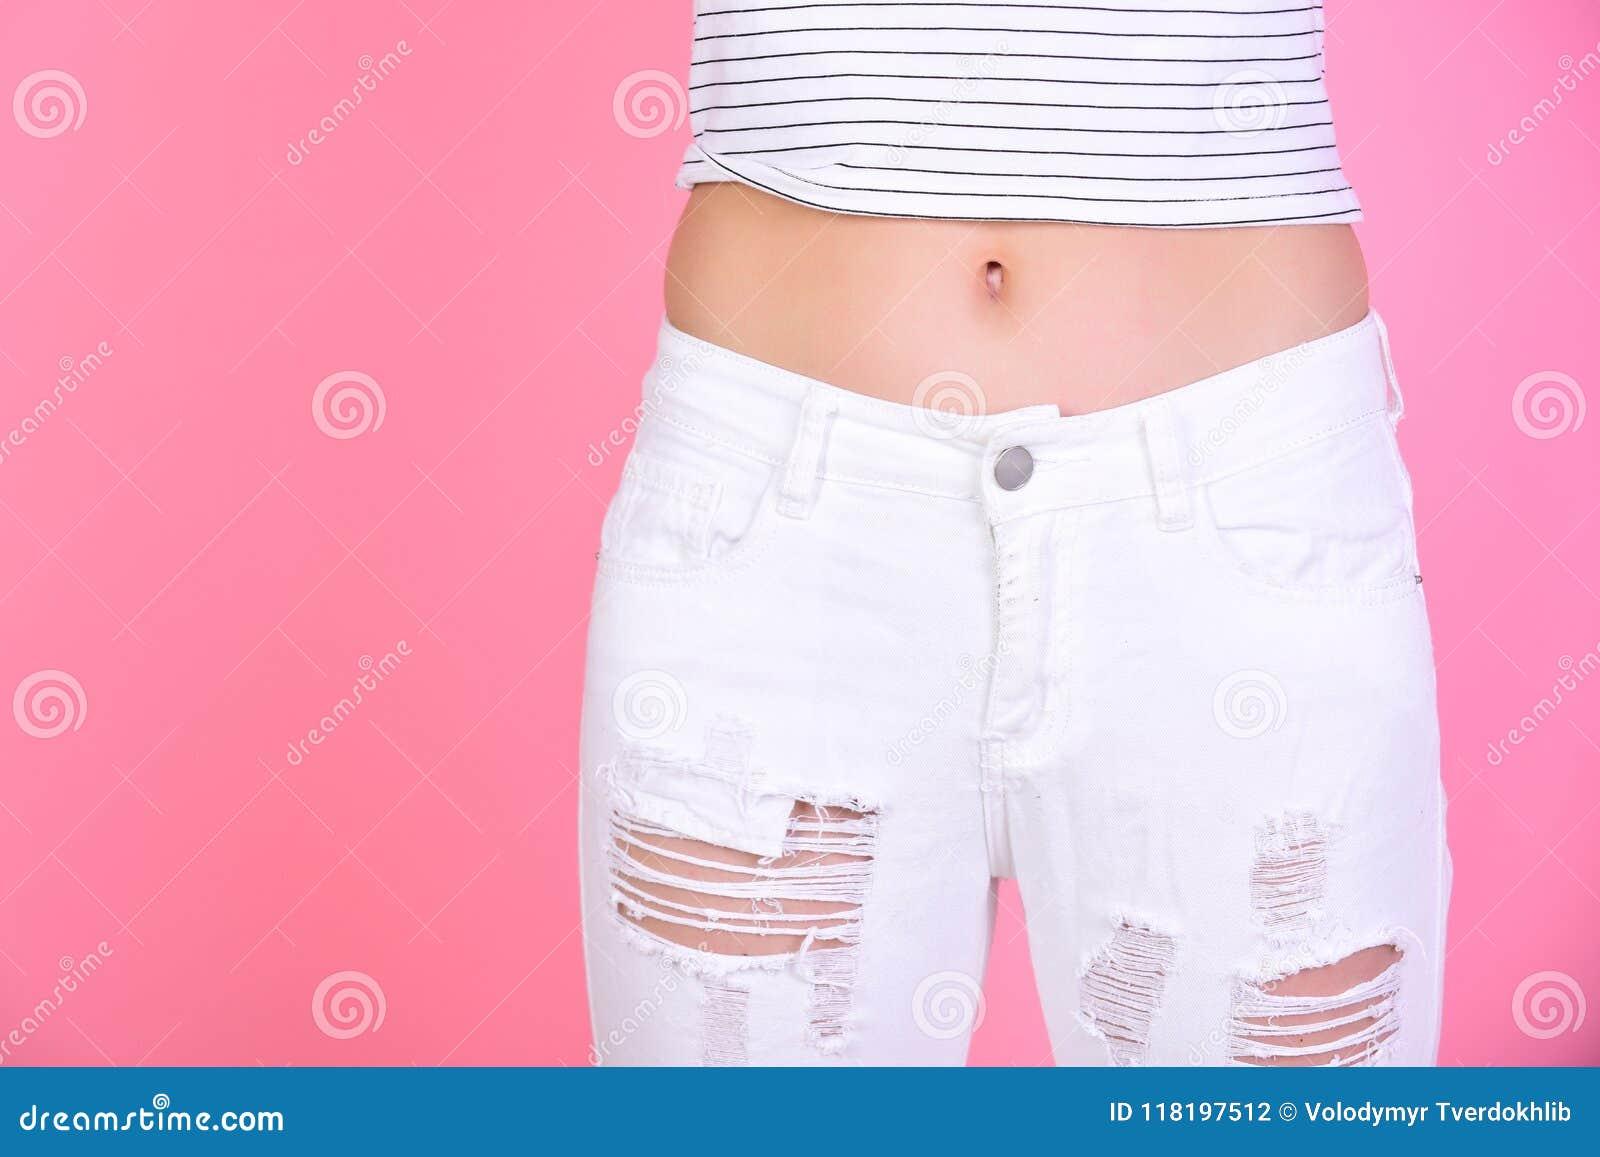 Λεπτή κοιλιά της γυναίκας στα άσπρα τζιν στο ρόδινο υπόβαθρο, διάστημα αντιγράφων να κάνει δίαιτα και ικανότητας η έννοια παρουσι